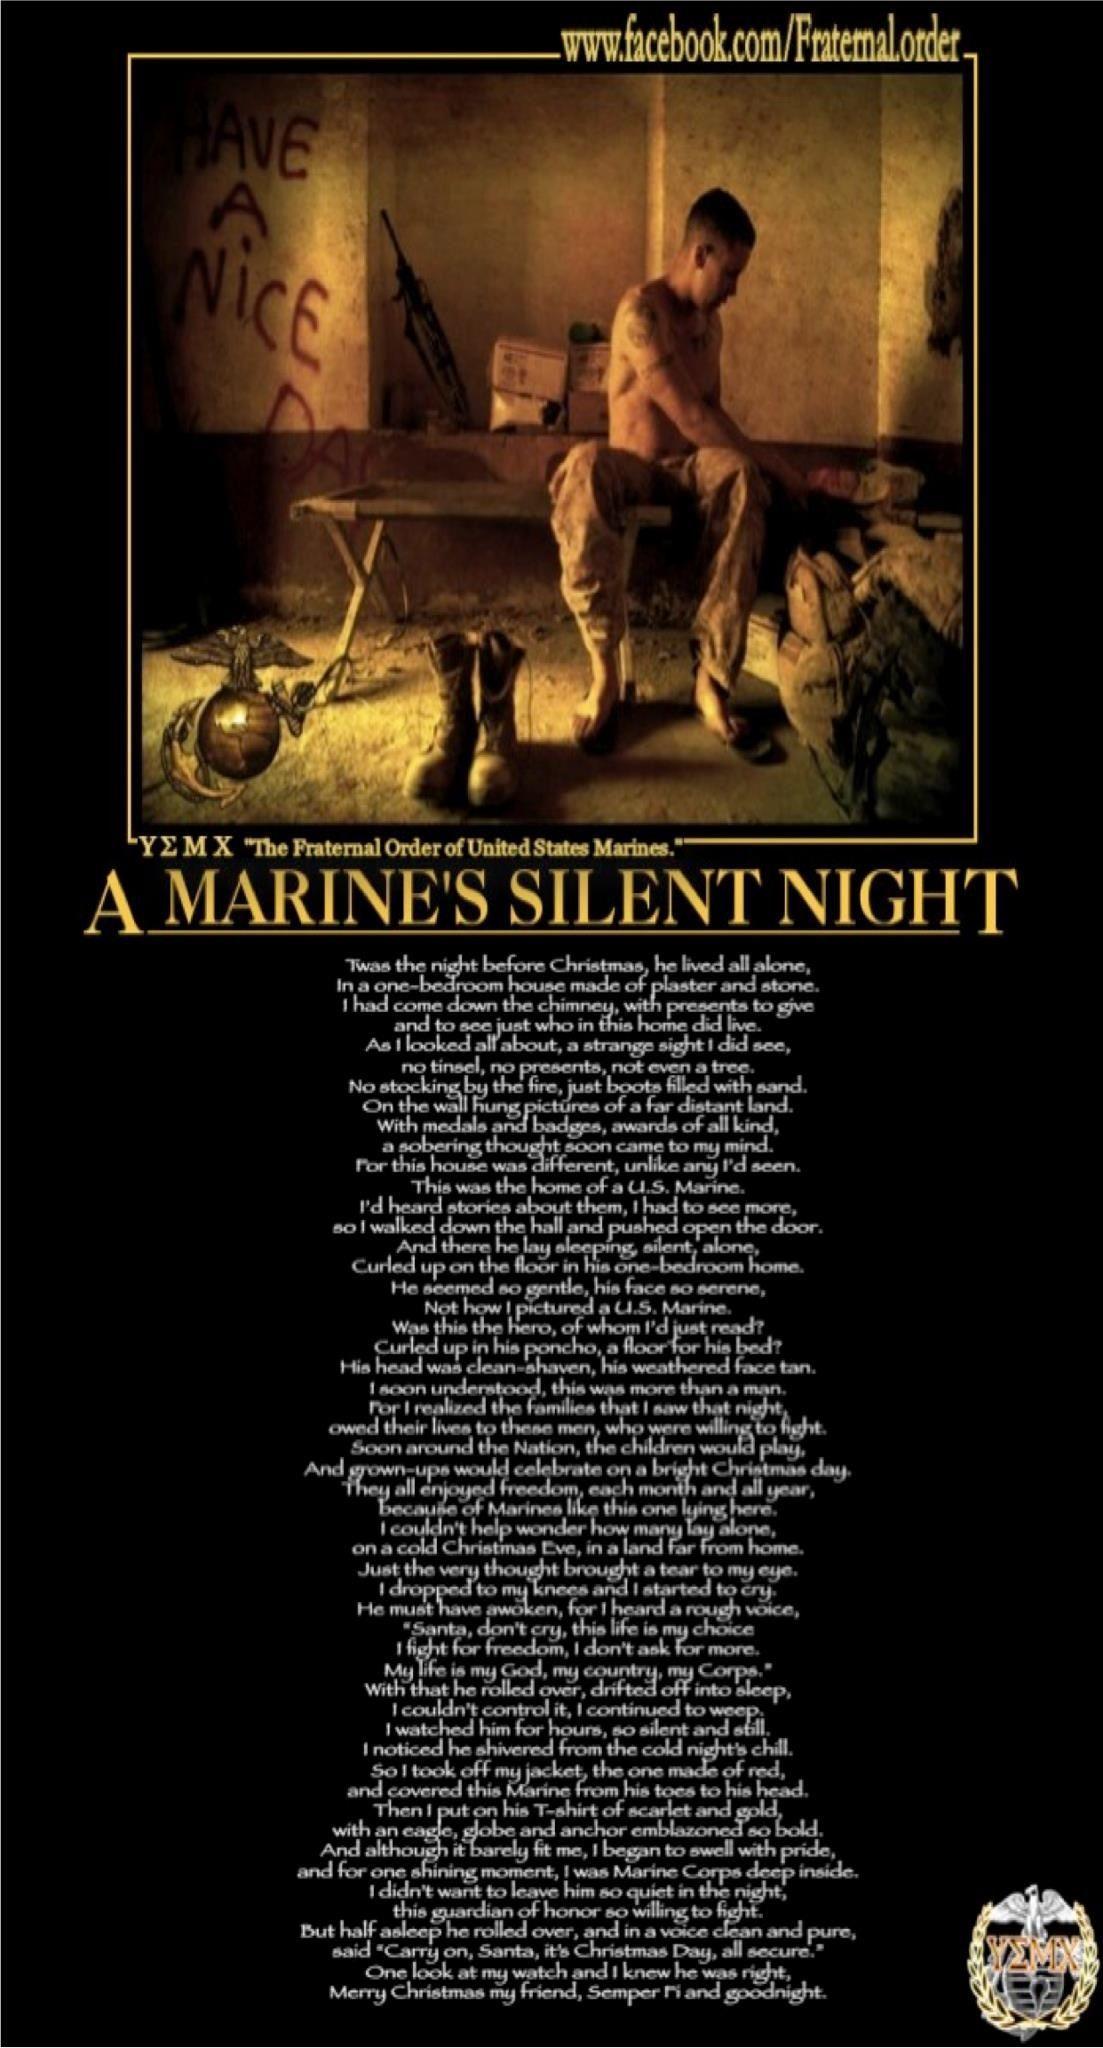 Marines Quotes 916E924A3B343Be6Cfe7E318Cfdc6622 1103×2048 Pixels  Marine